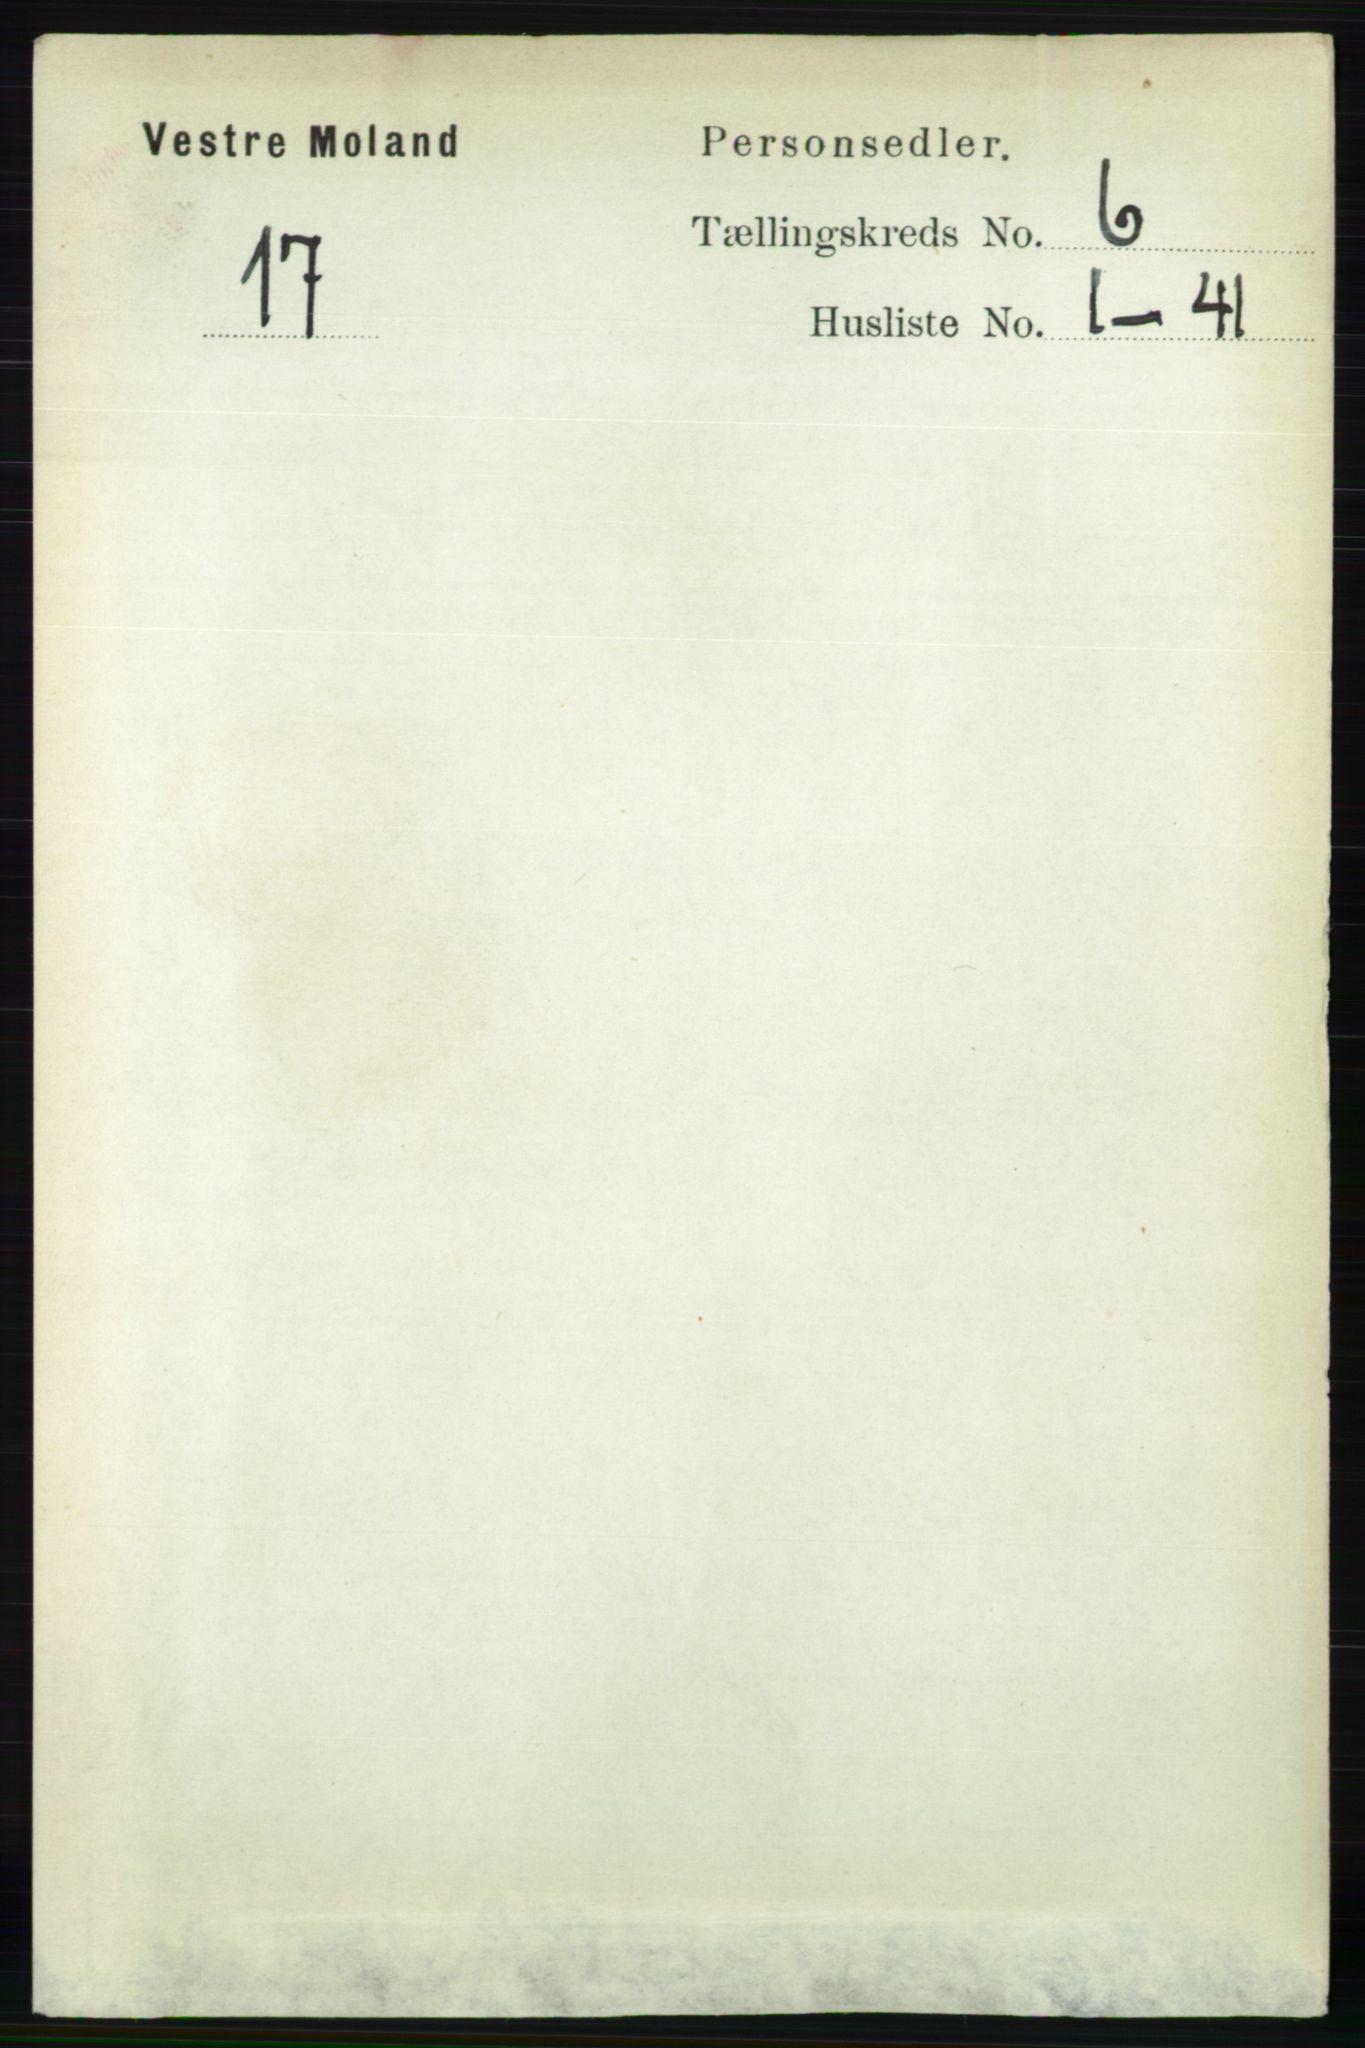 RA, Folketelling 1891 for 0926 Vestre Moland herred, 1891, s. 2350